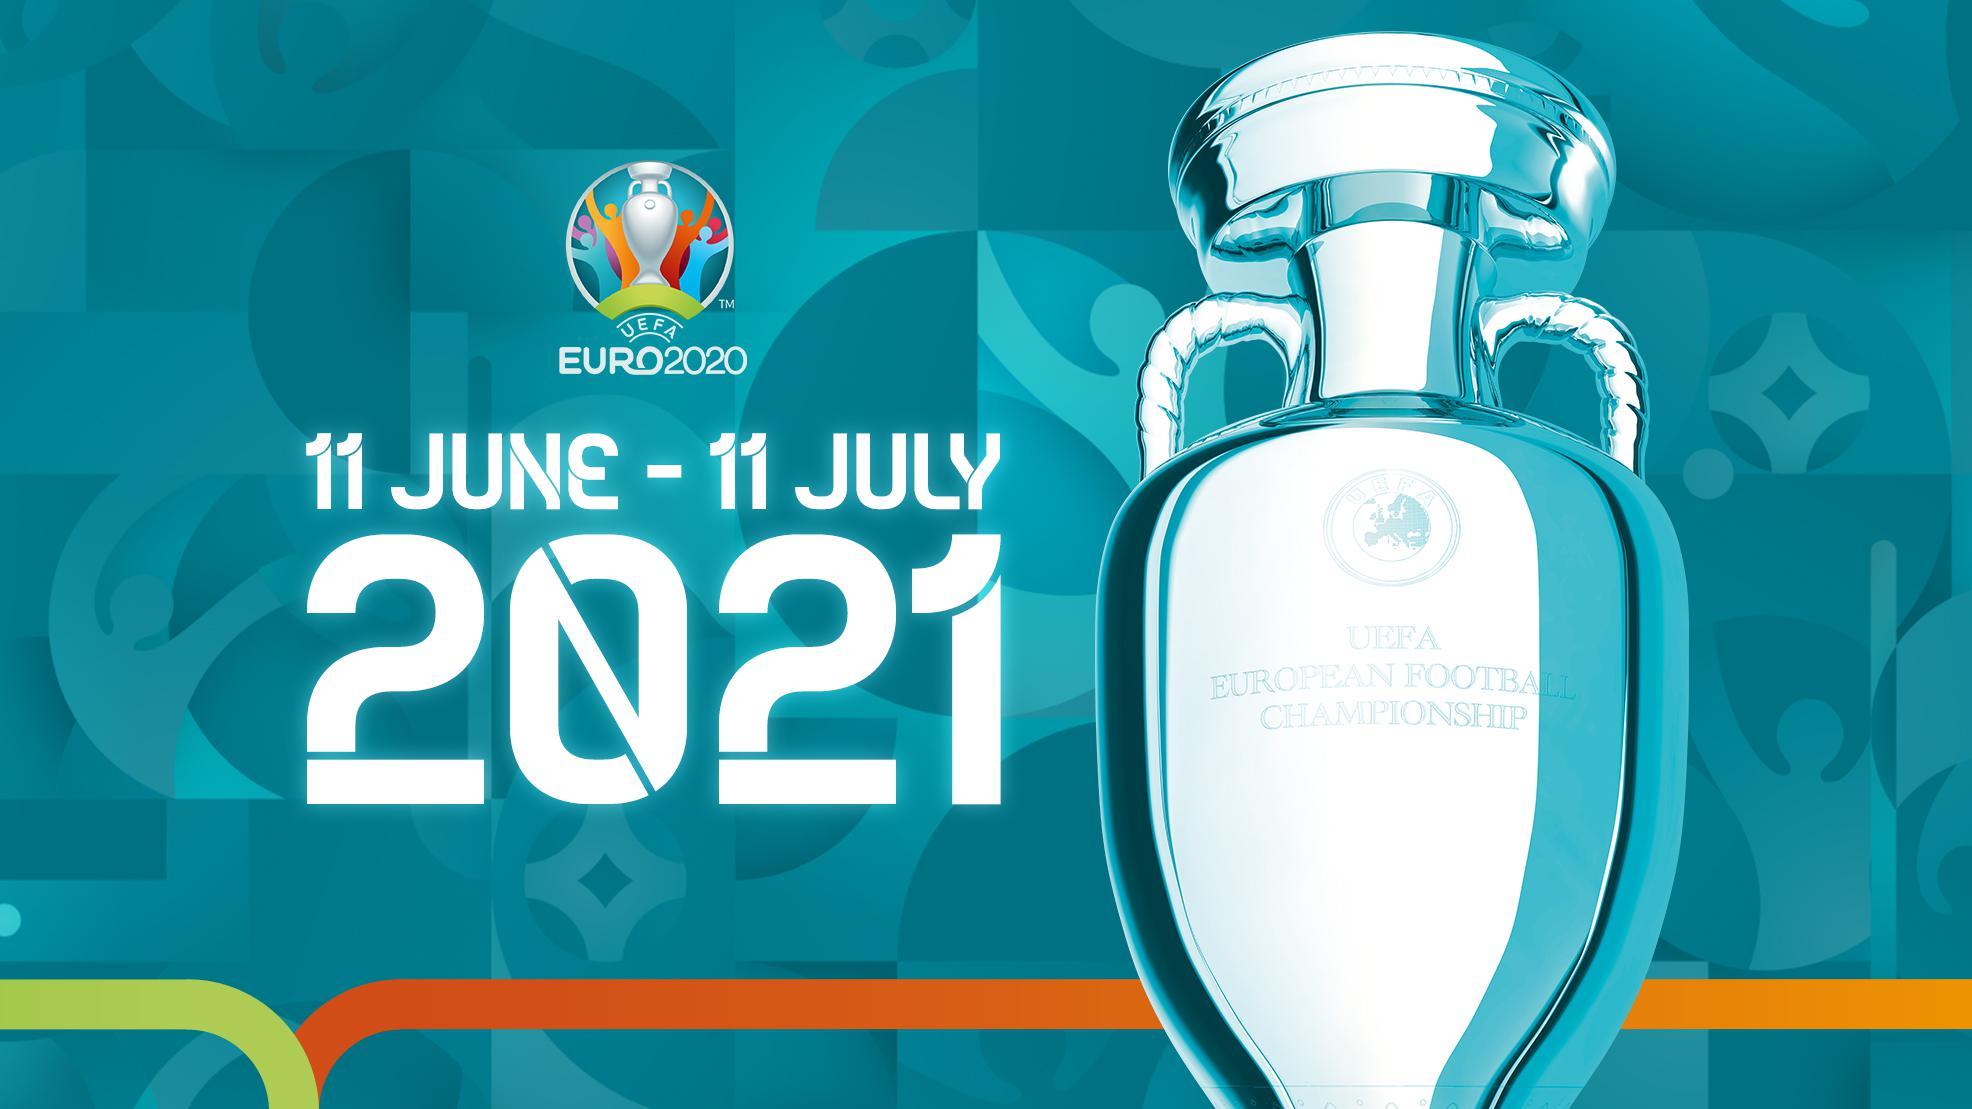 आजबाट सुरु हुदै युरोकप २०२०,उद्घाटन खेलमा इटाली र टर्की भिड्दै